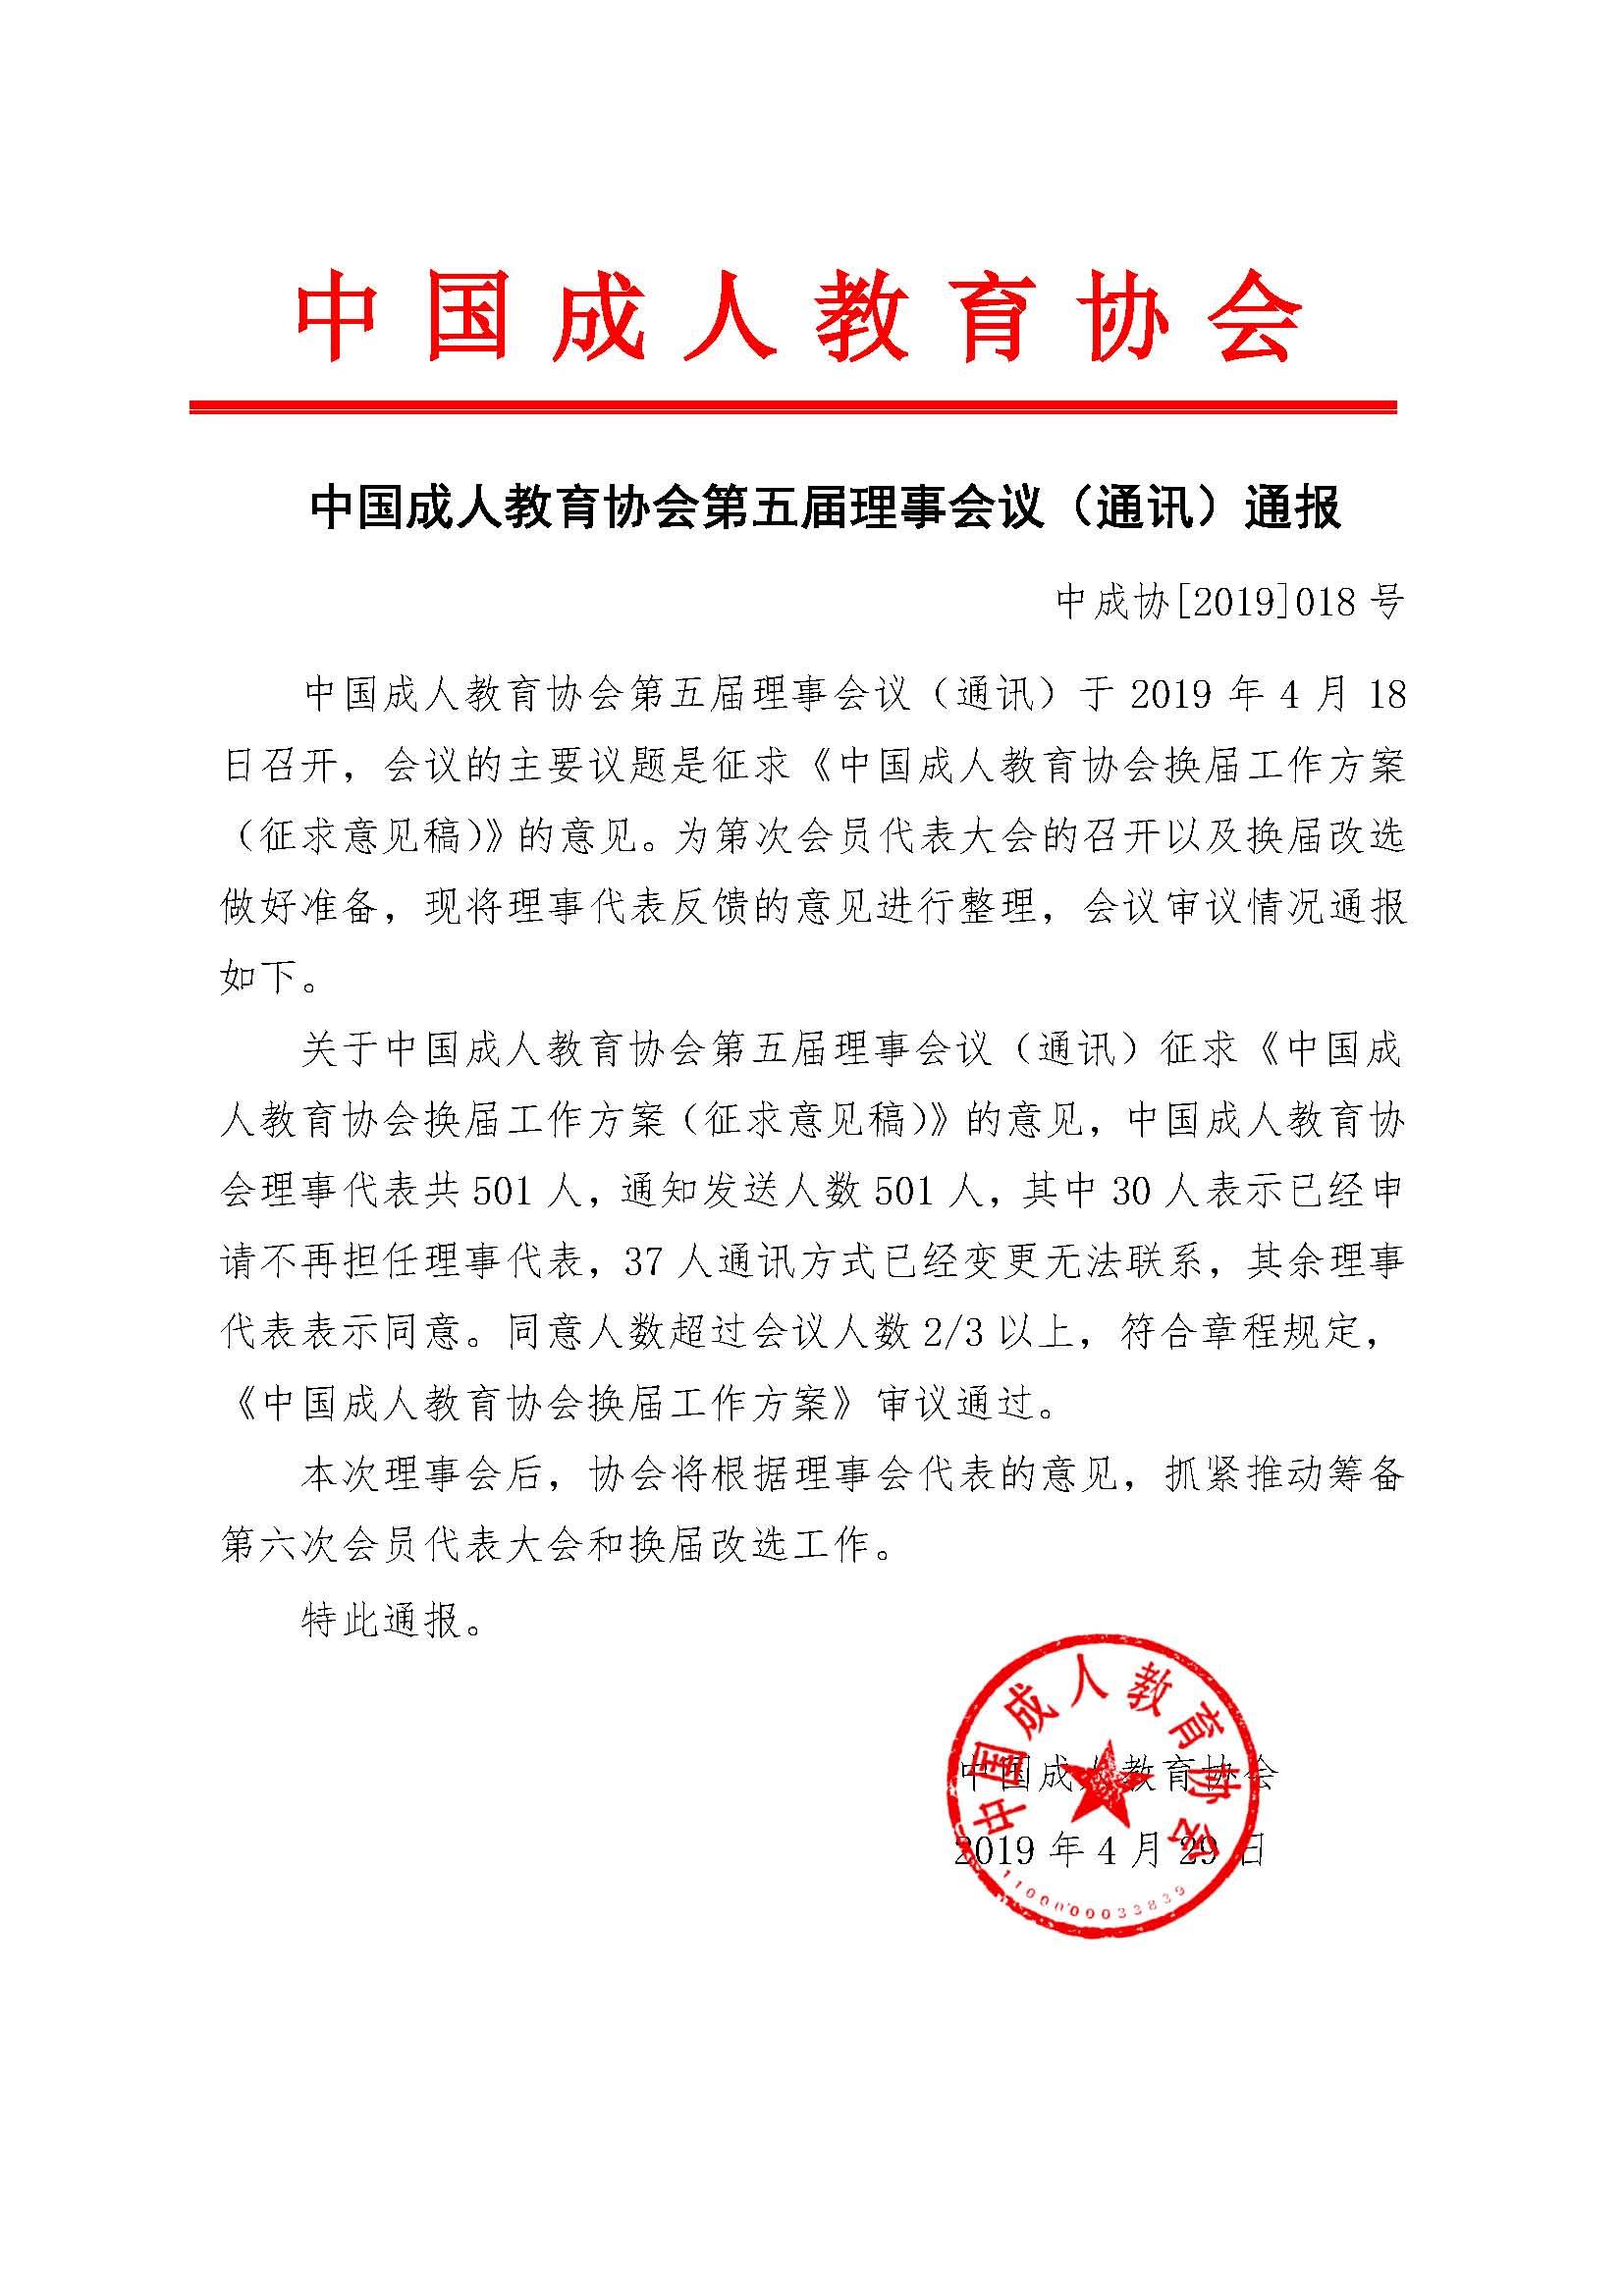 紅頭018號-第五屆理事通報